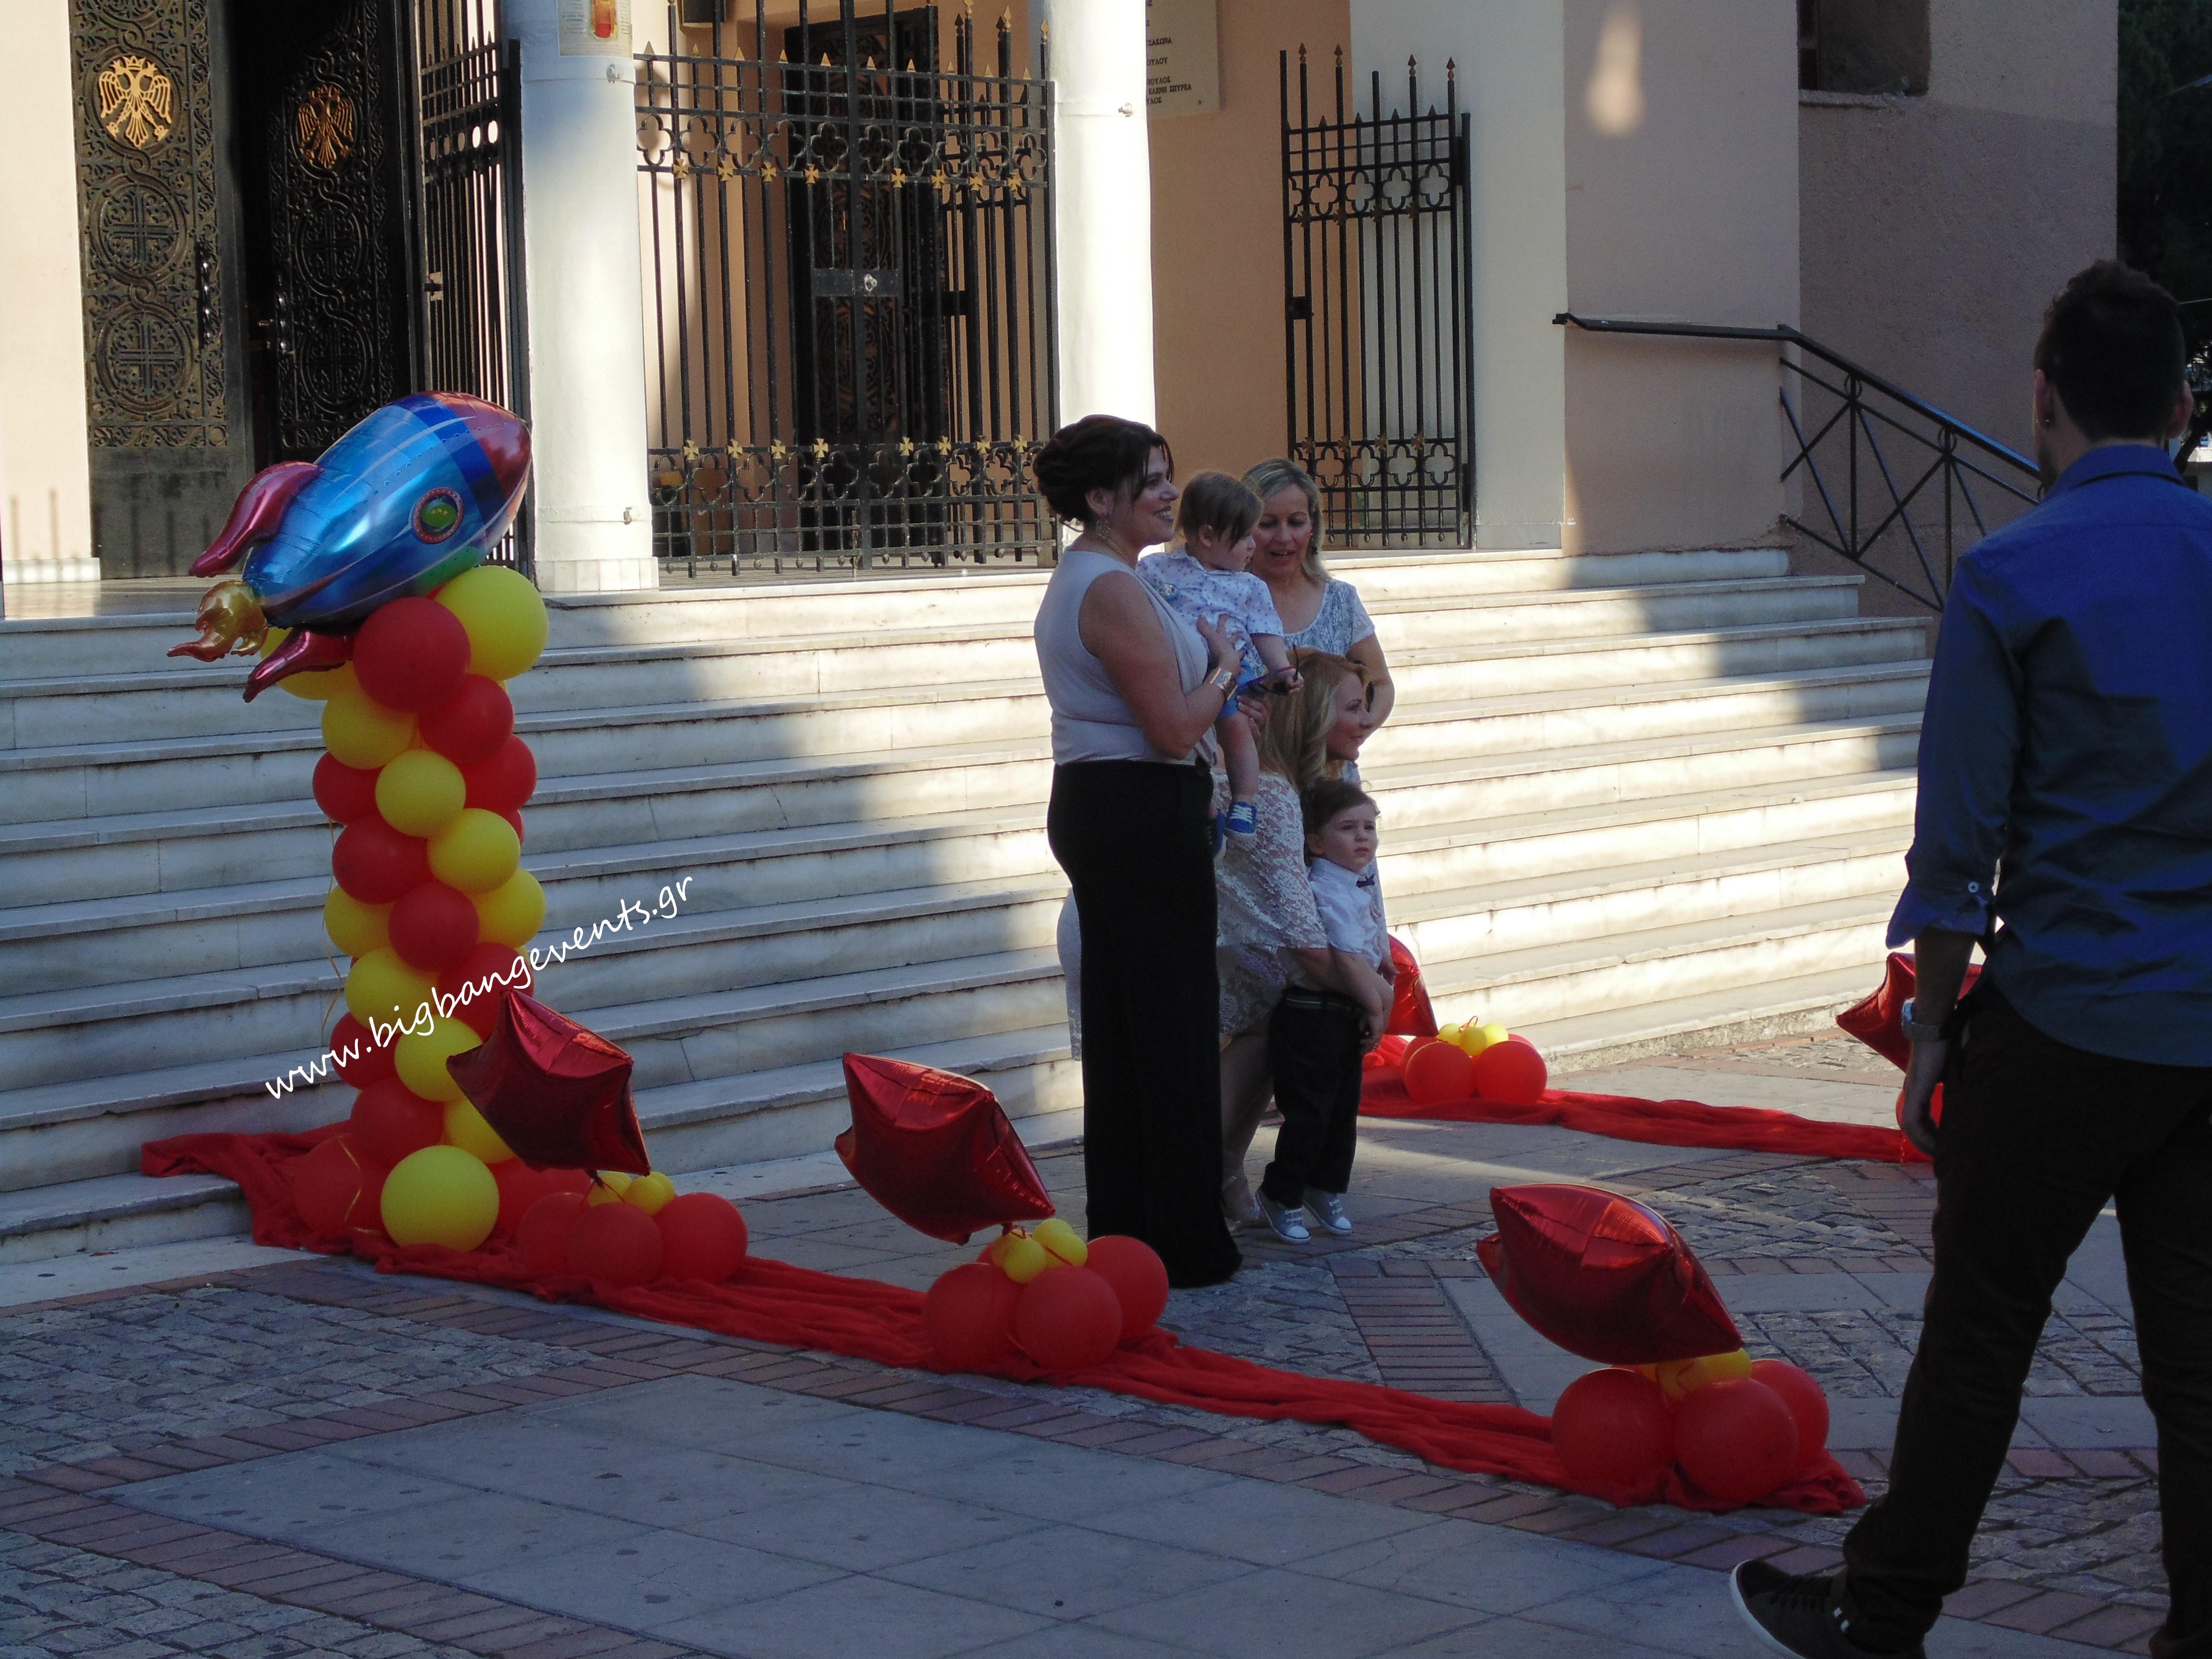 στολισμος εισοδου εκκλησιας με συνθεση μπαλονιων